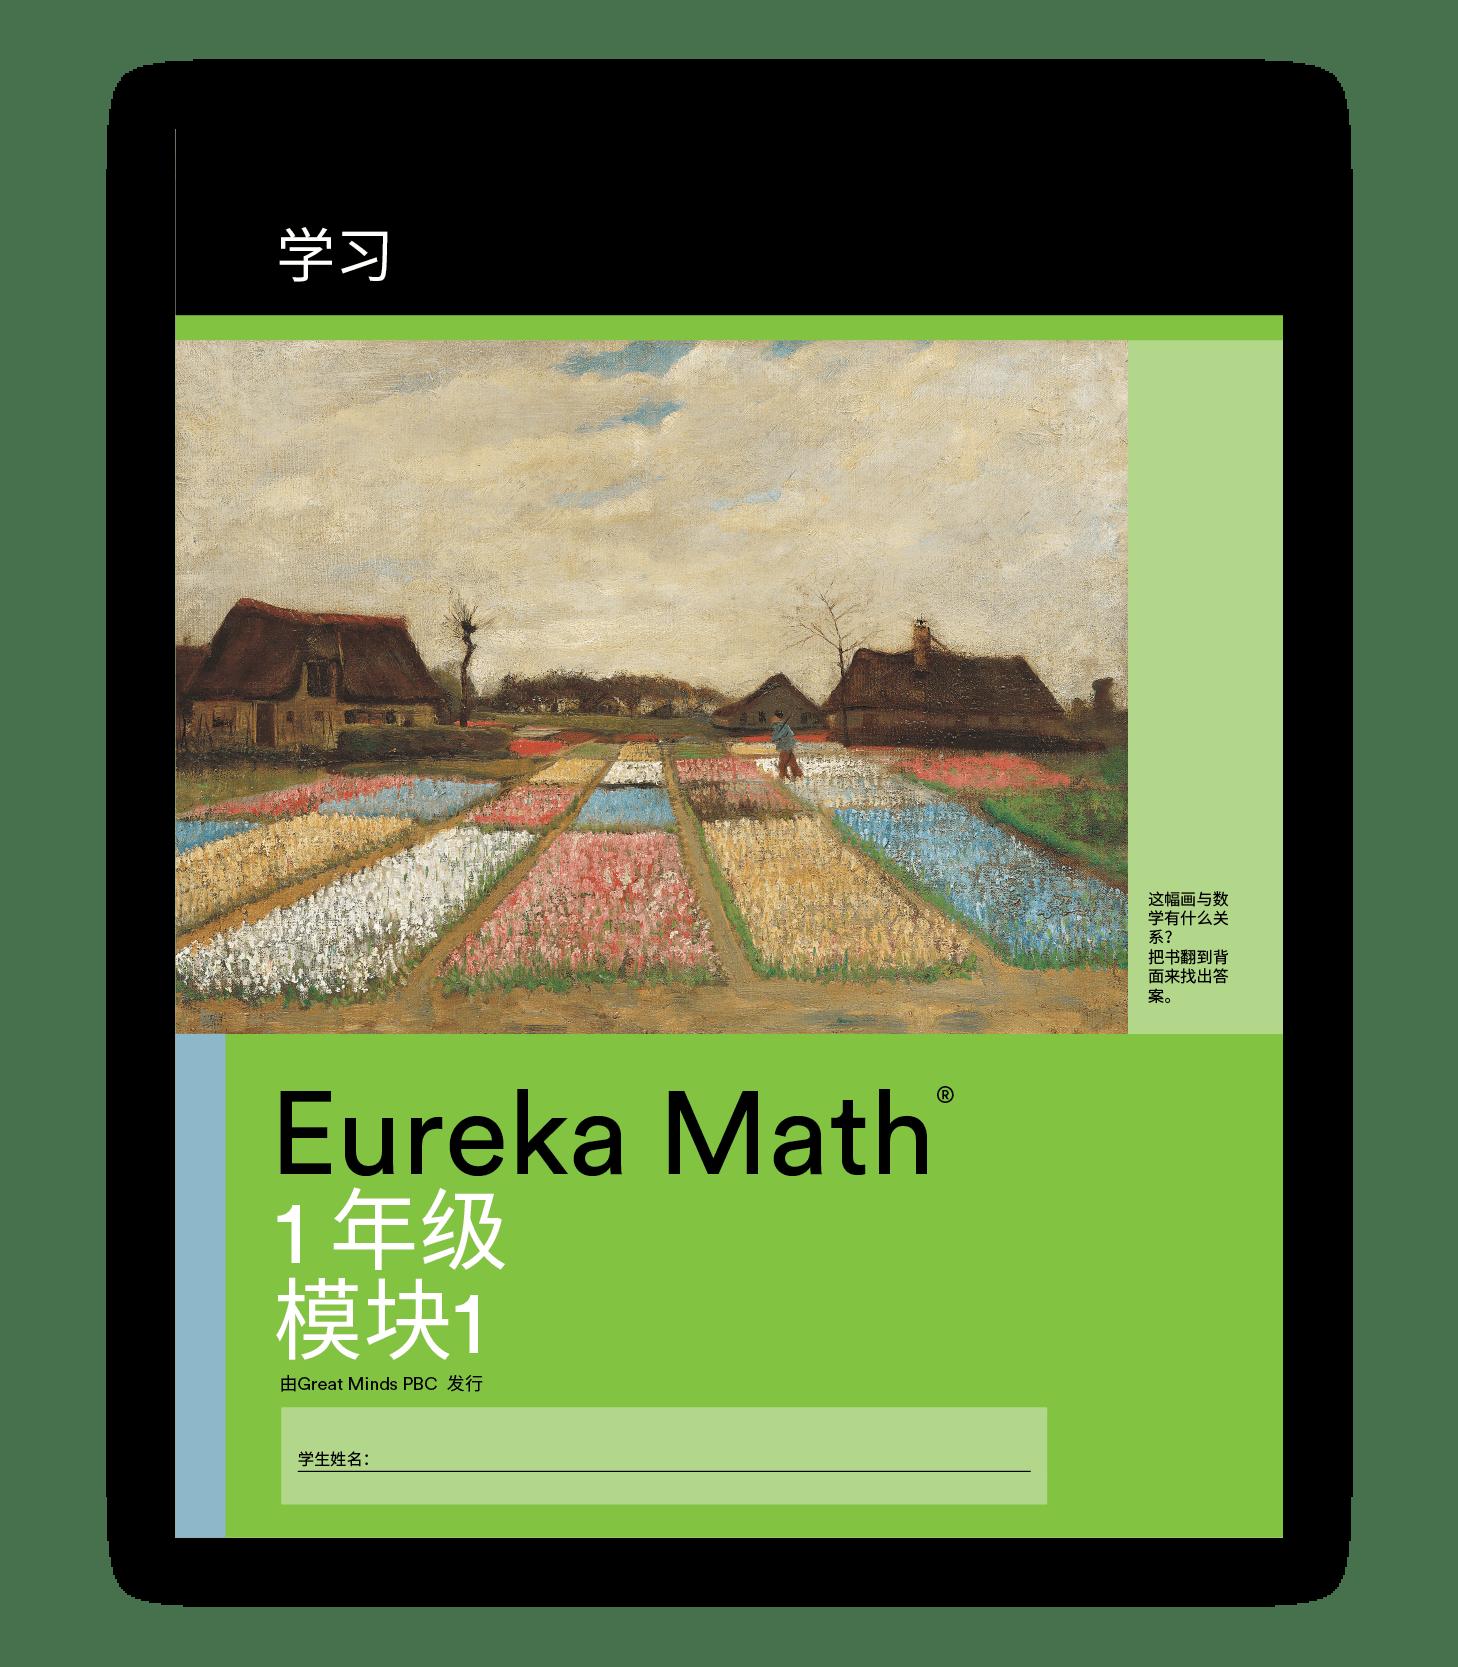 Eureka Math Learn Book in Mandarin for Grade 1